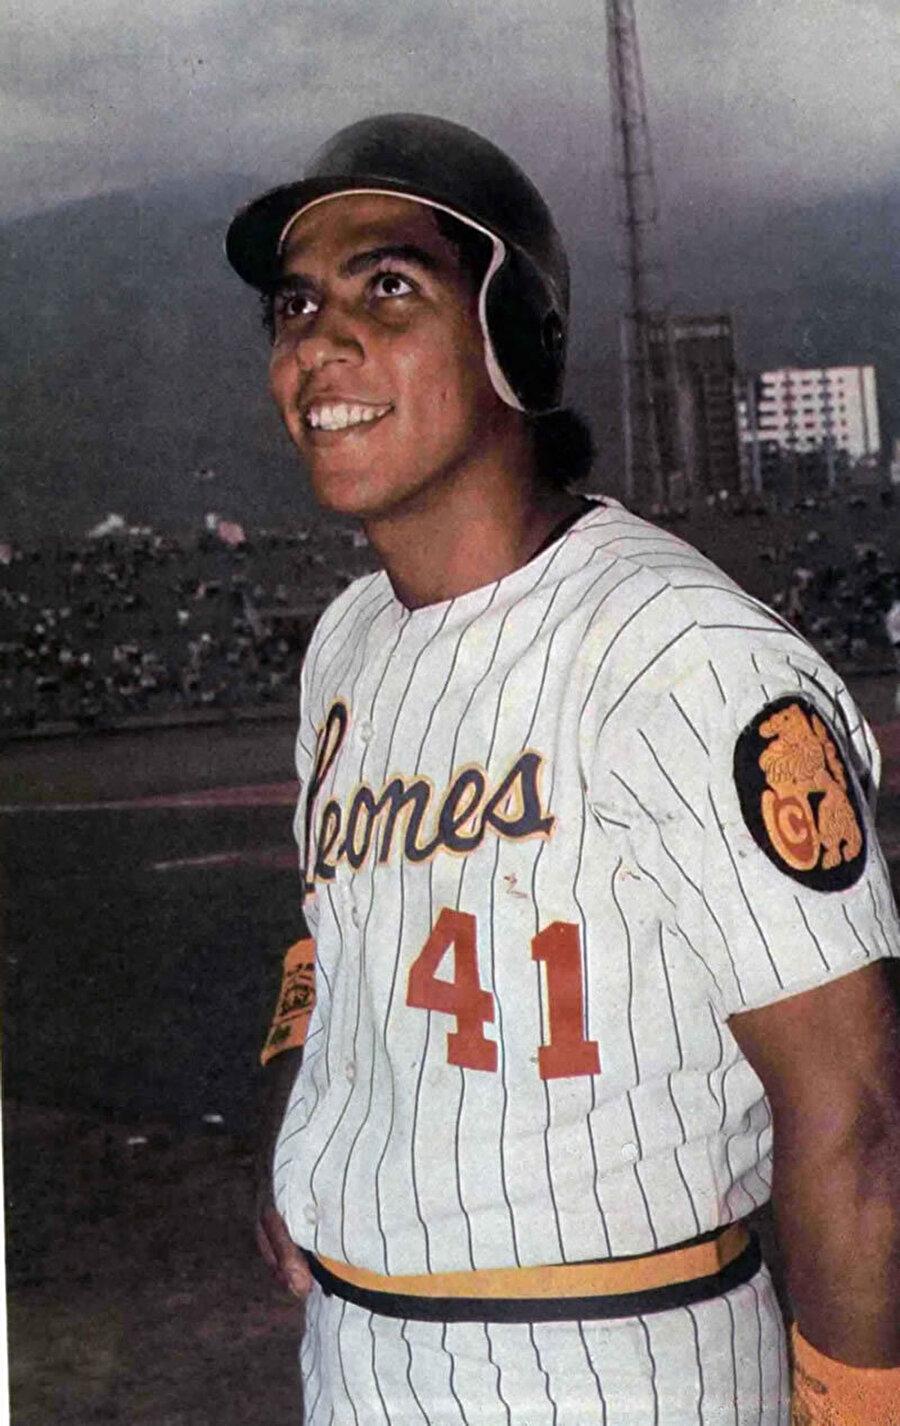 Andres Galarraga                                      18 Haziran 1961 doğumlu beyzbolcu Andrés Galarraga'ya 1999'da kanser teşhisi konuldu. Venezuelalı sporcu hastalığı 9 ayda atlattı.